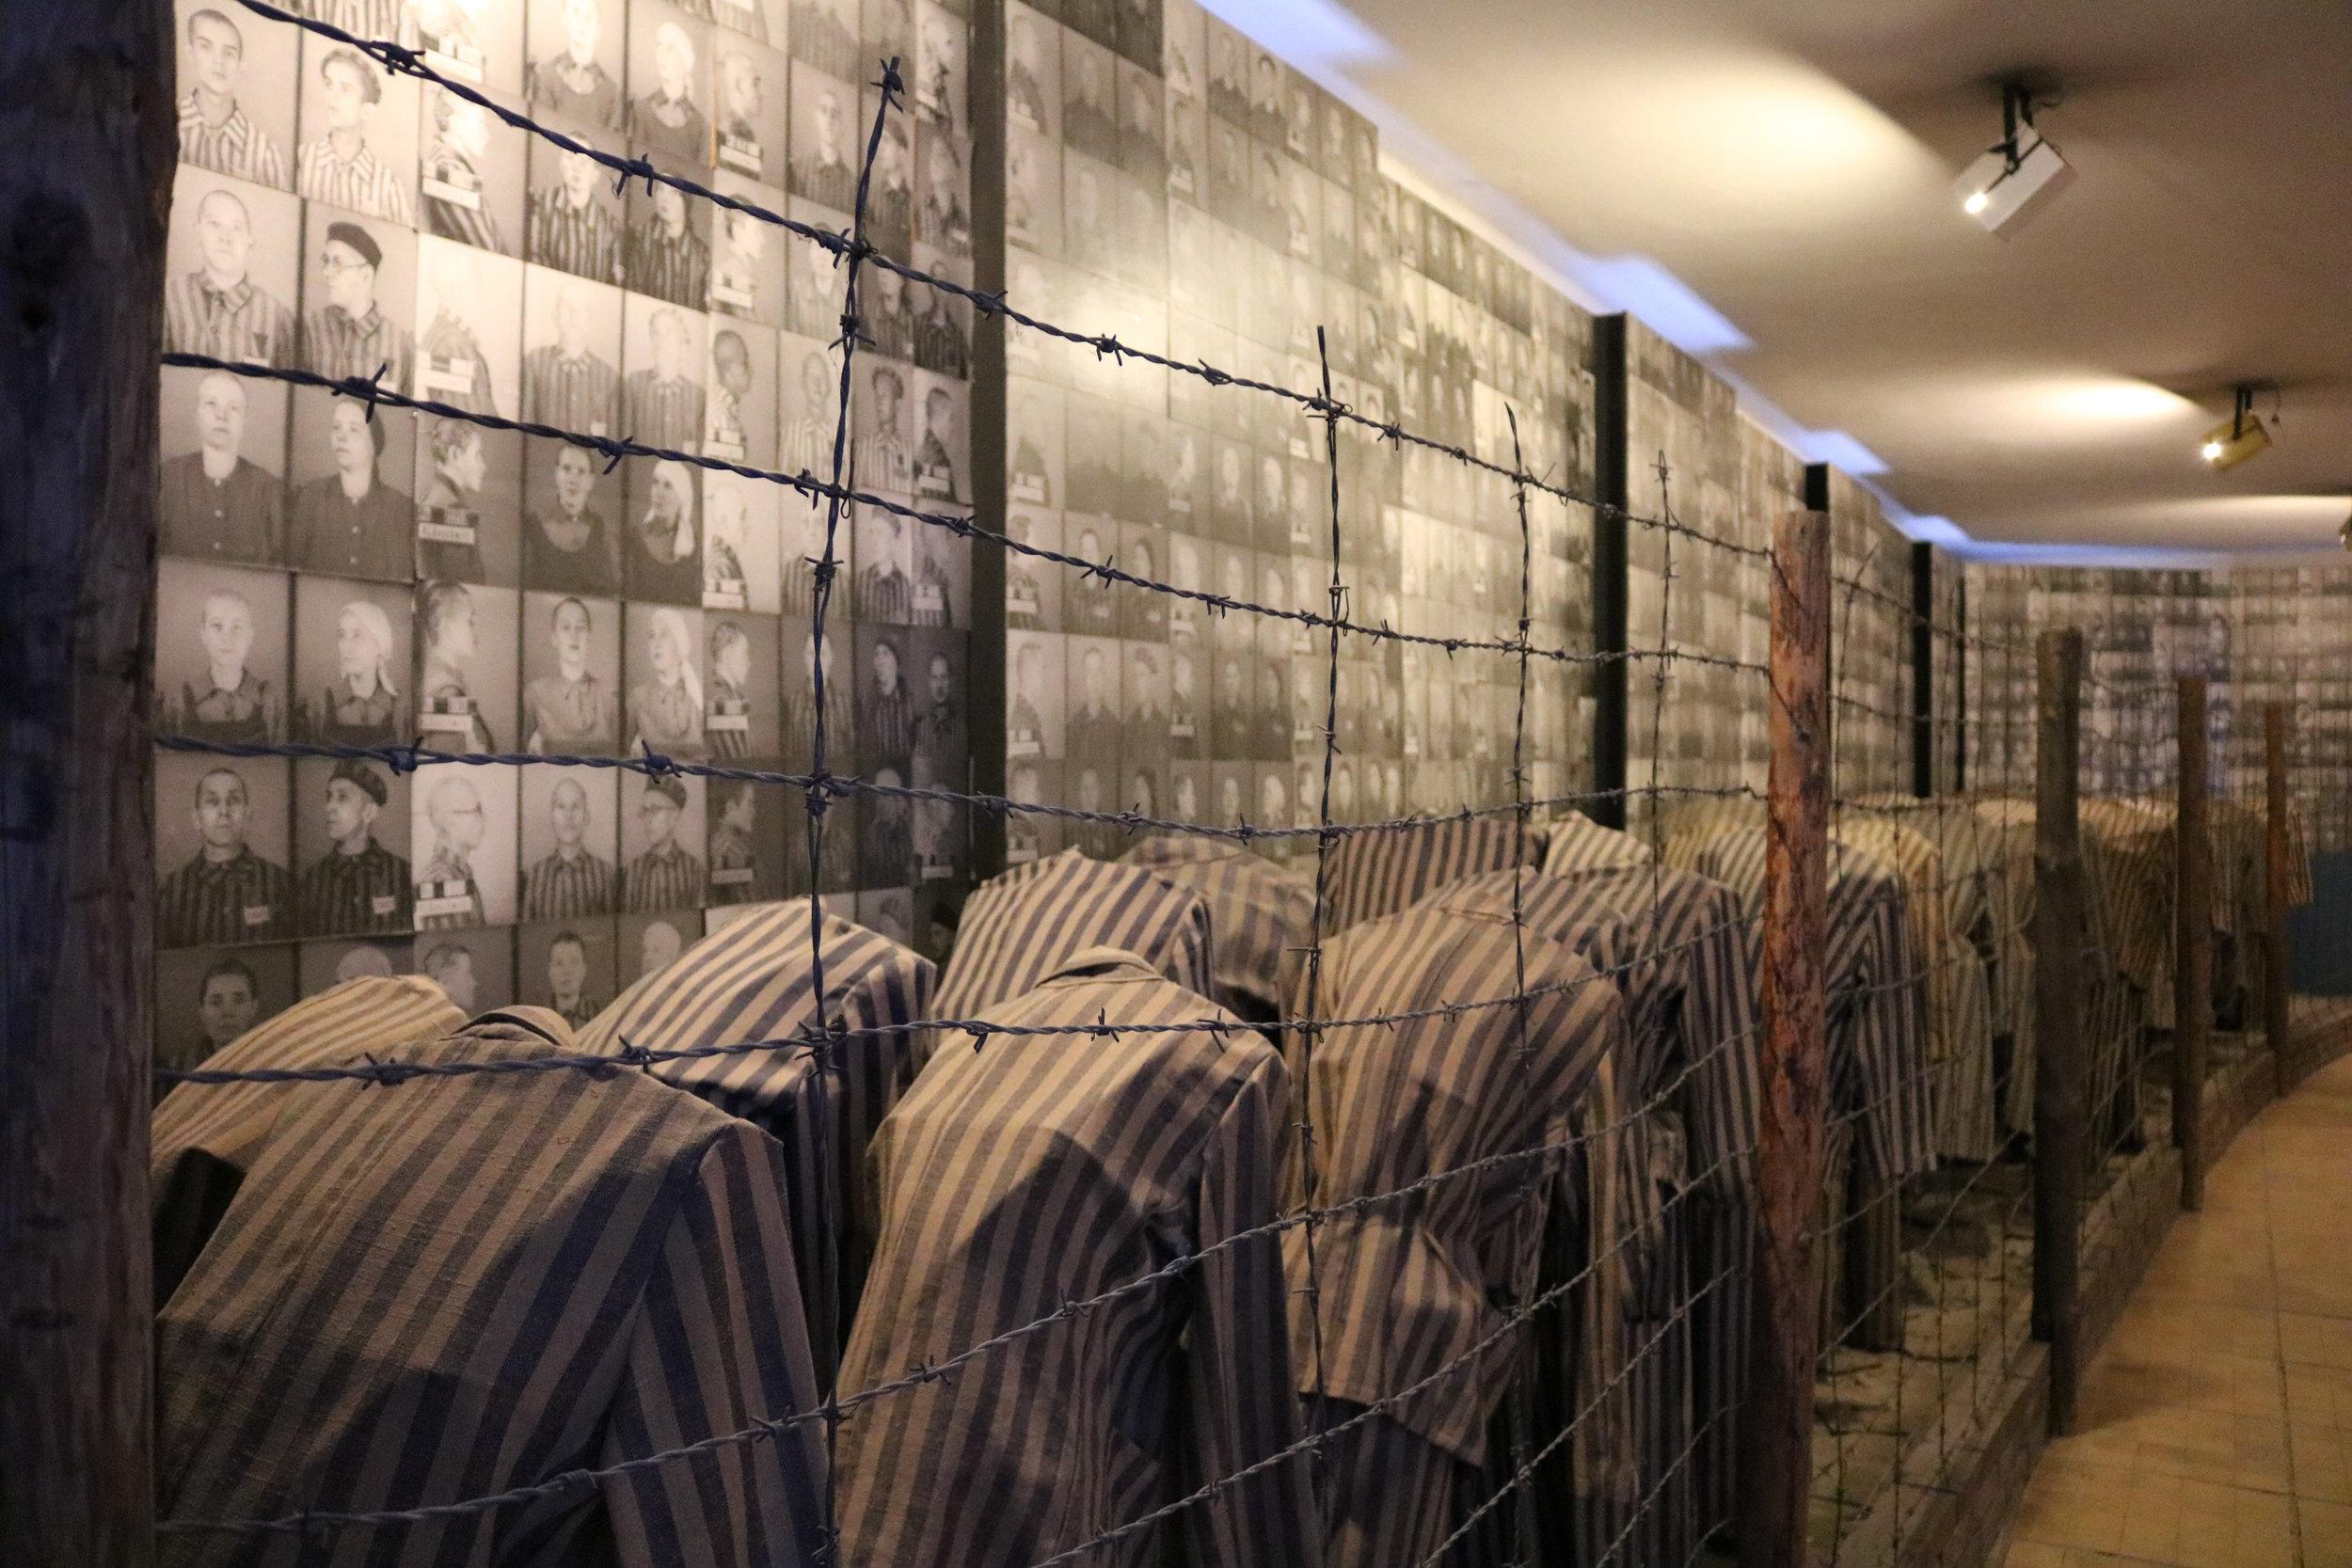 auschwitz prisoners 2.jpg